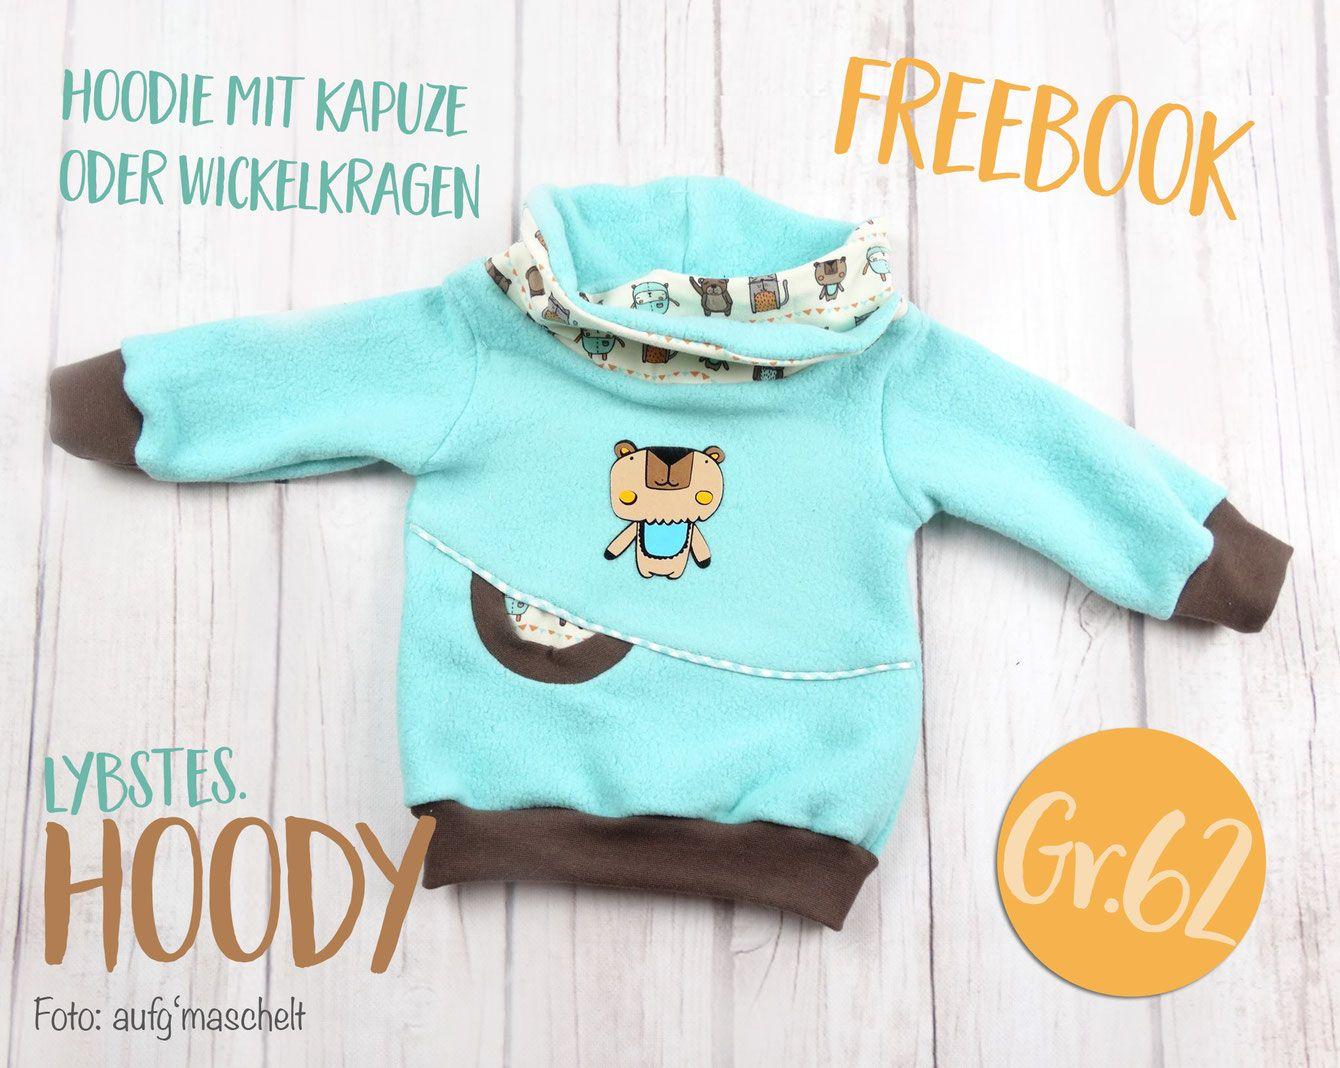 lybstes freebook baby kapuzenpullover hoodie mit wickelkapuze schnittmuster selber n hen. Black Bedroom Furniture Sets. Home Design Ideas